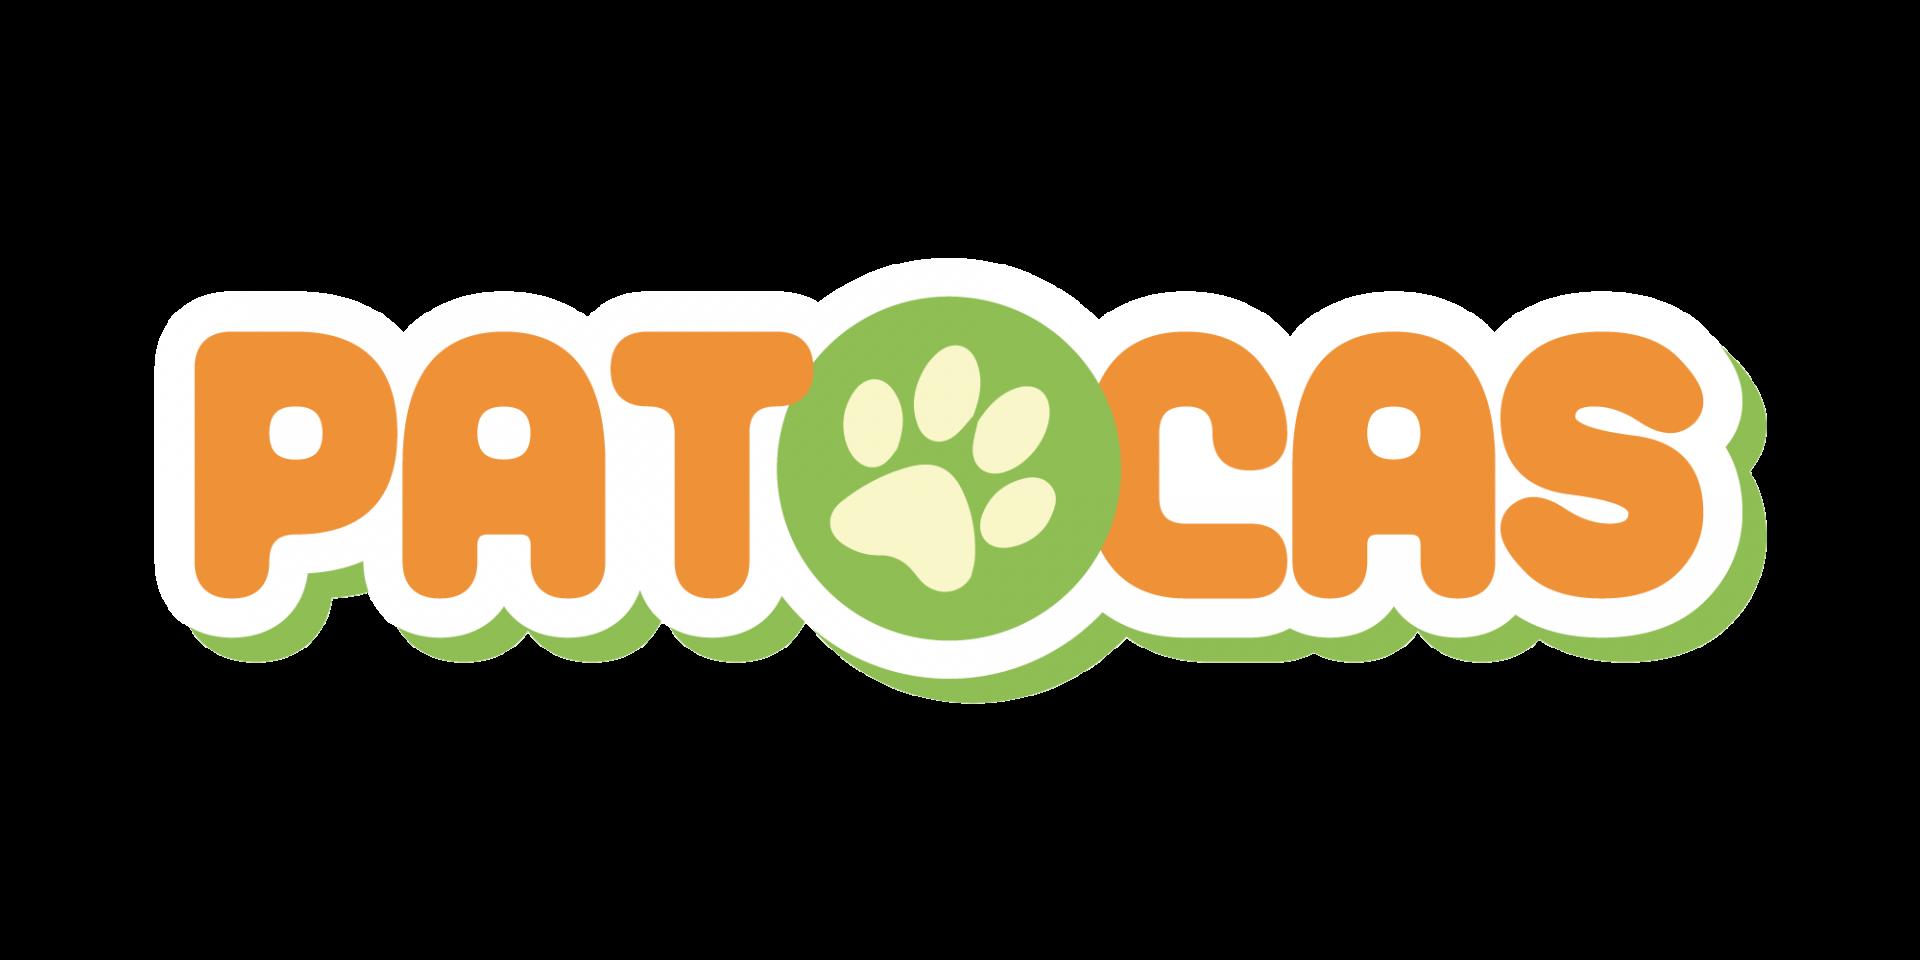 Patocas - Loja de animais